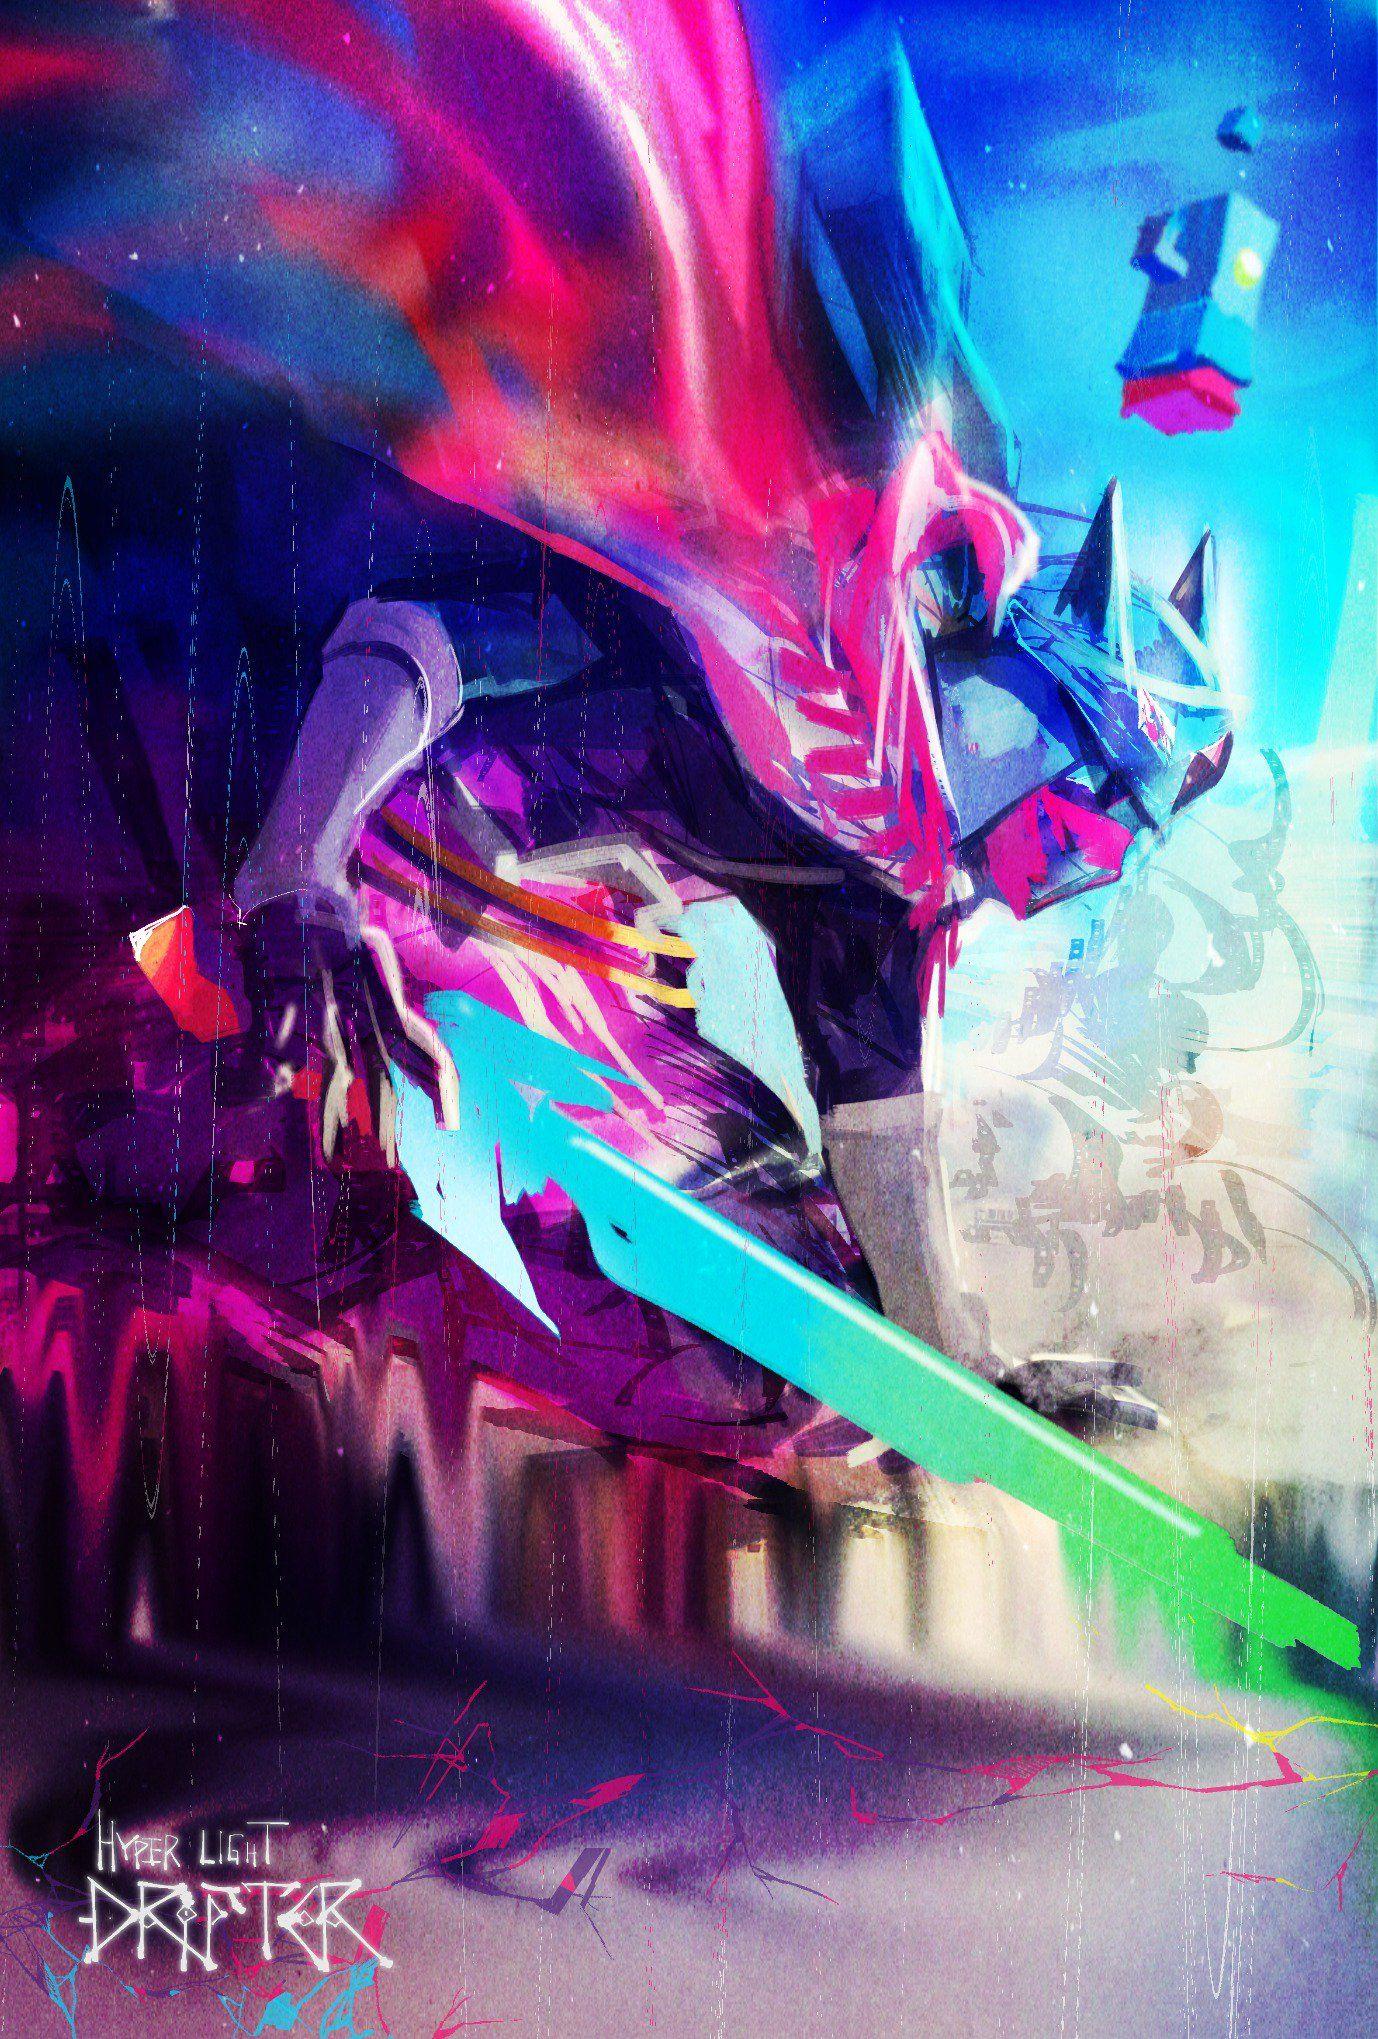 Hyper Light Drifter By シャンティ Tyokobanana Twitter Con Contenuti Drifter Art Environmental Art